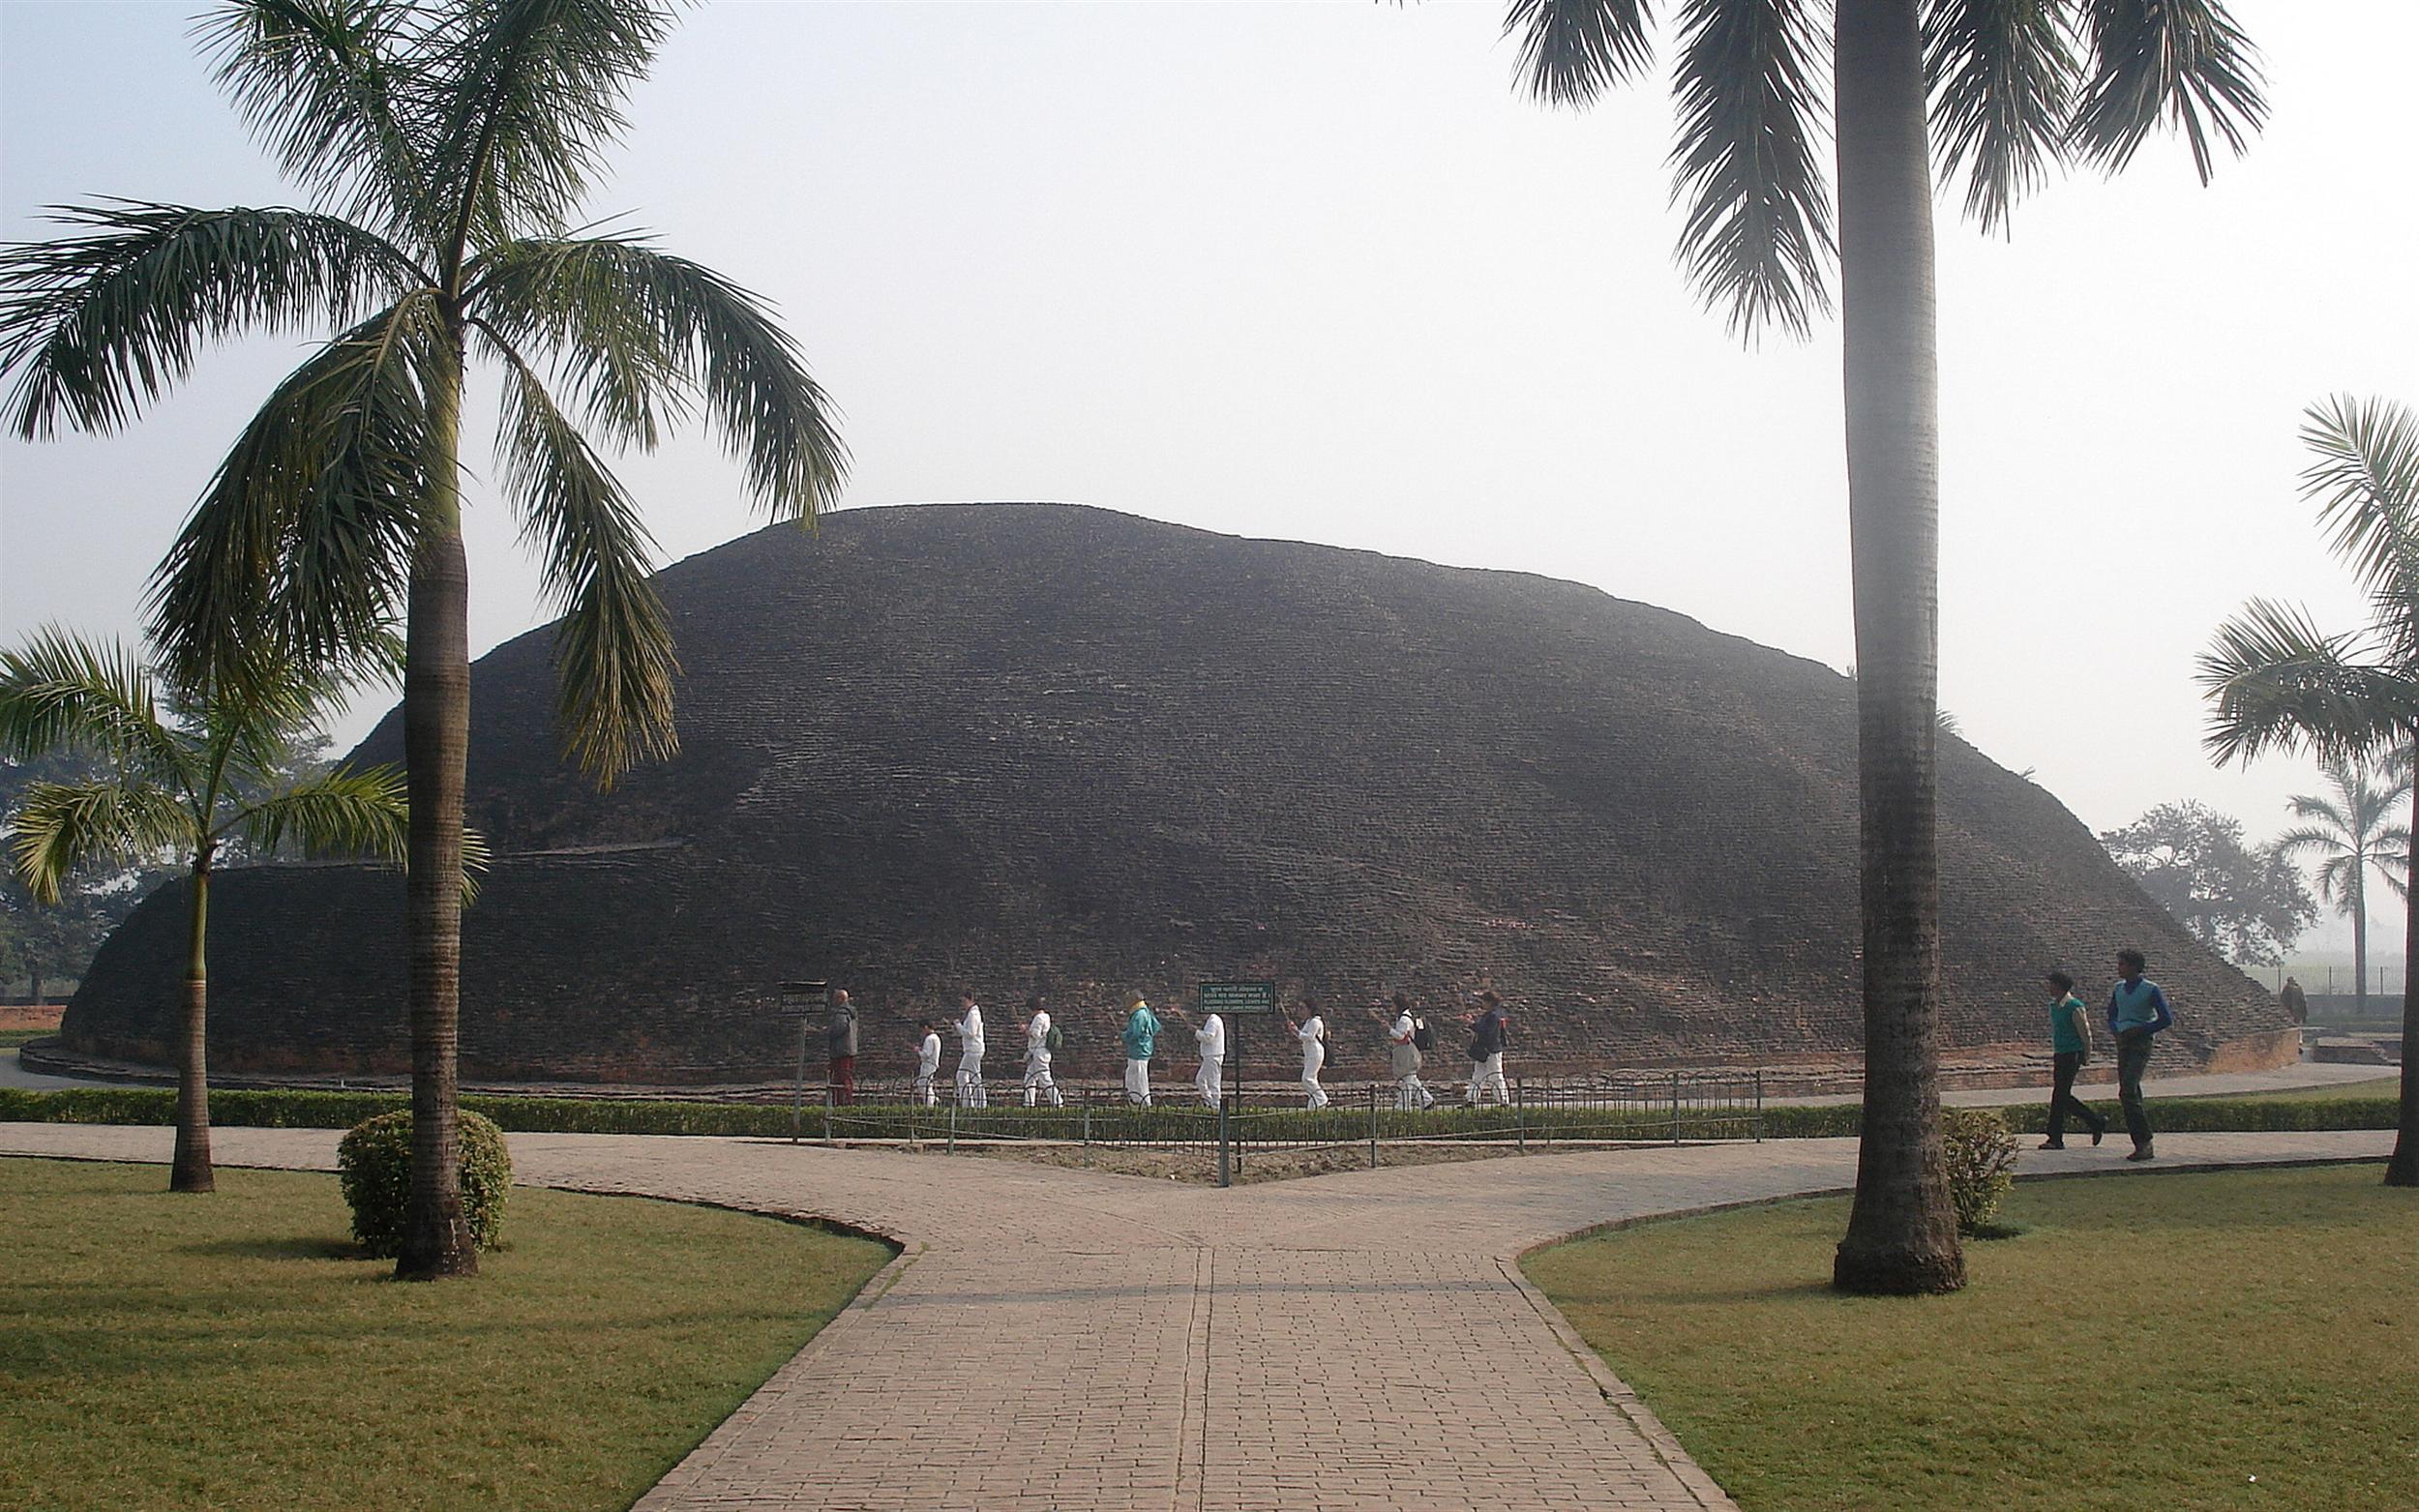 Visit Kushinagar - The Sacred Land of Buddha in UP, India